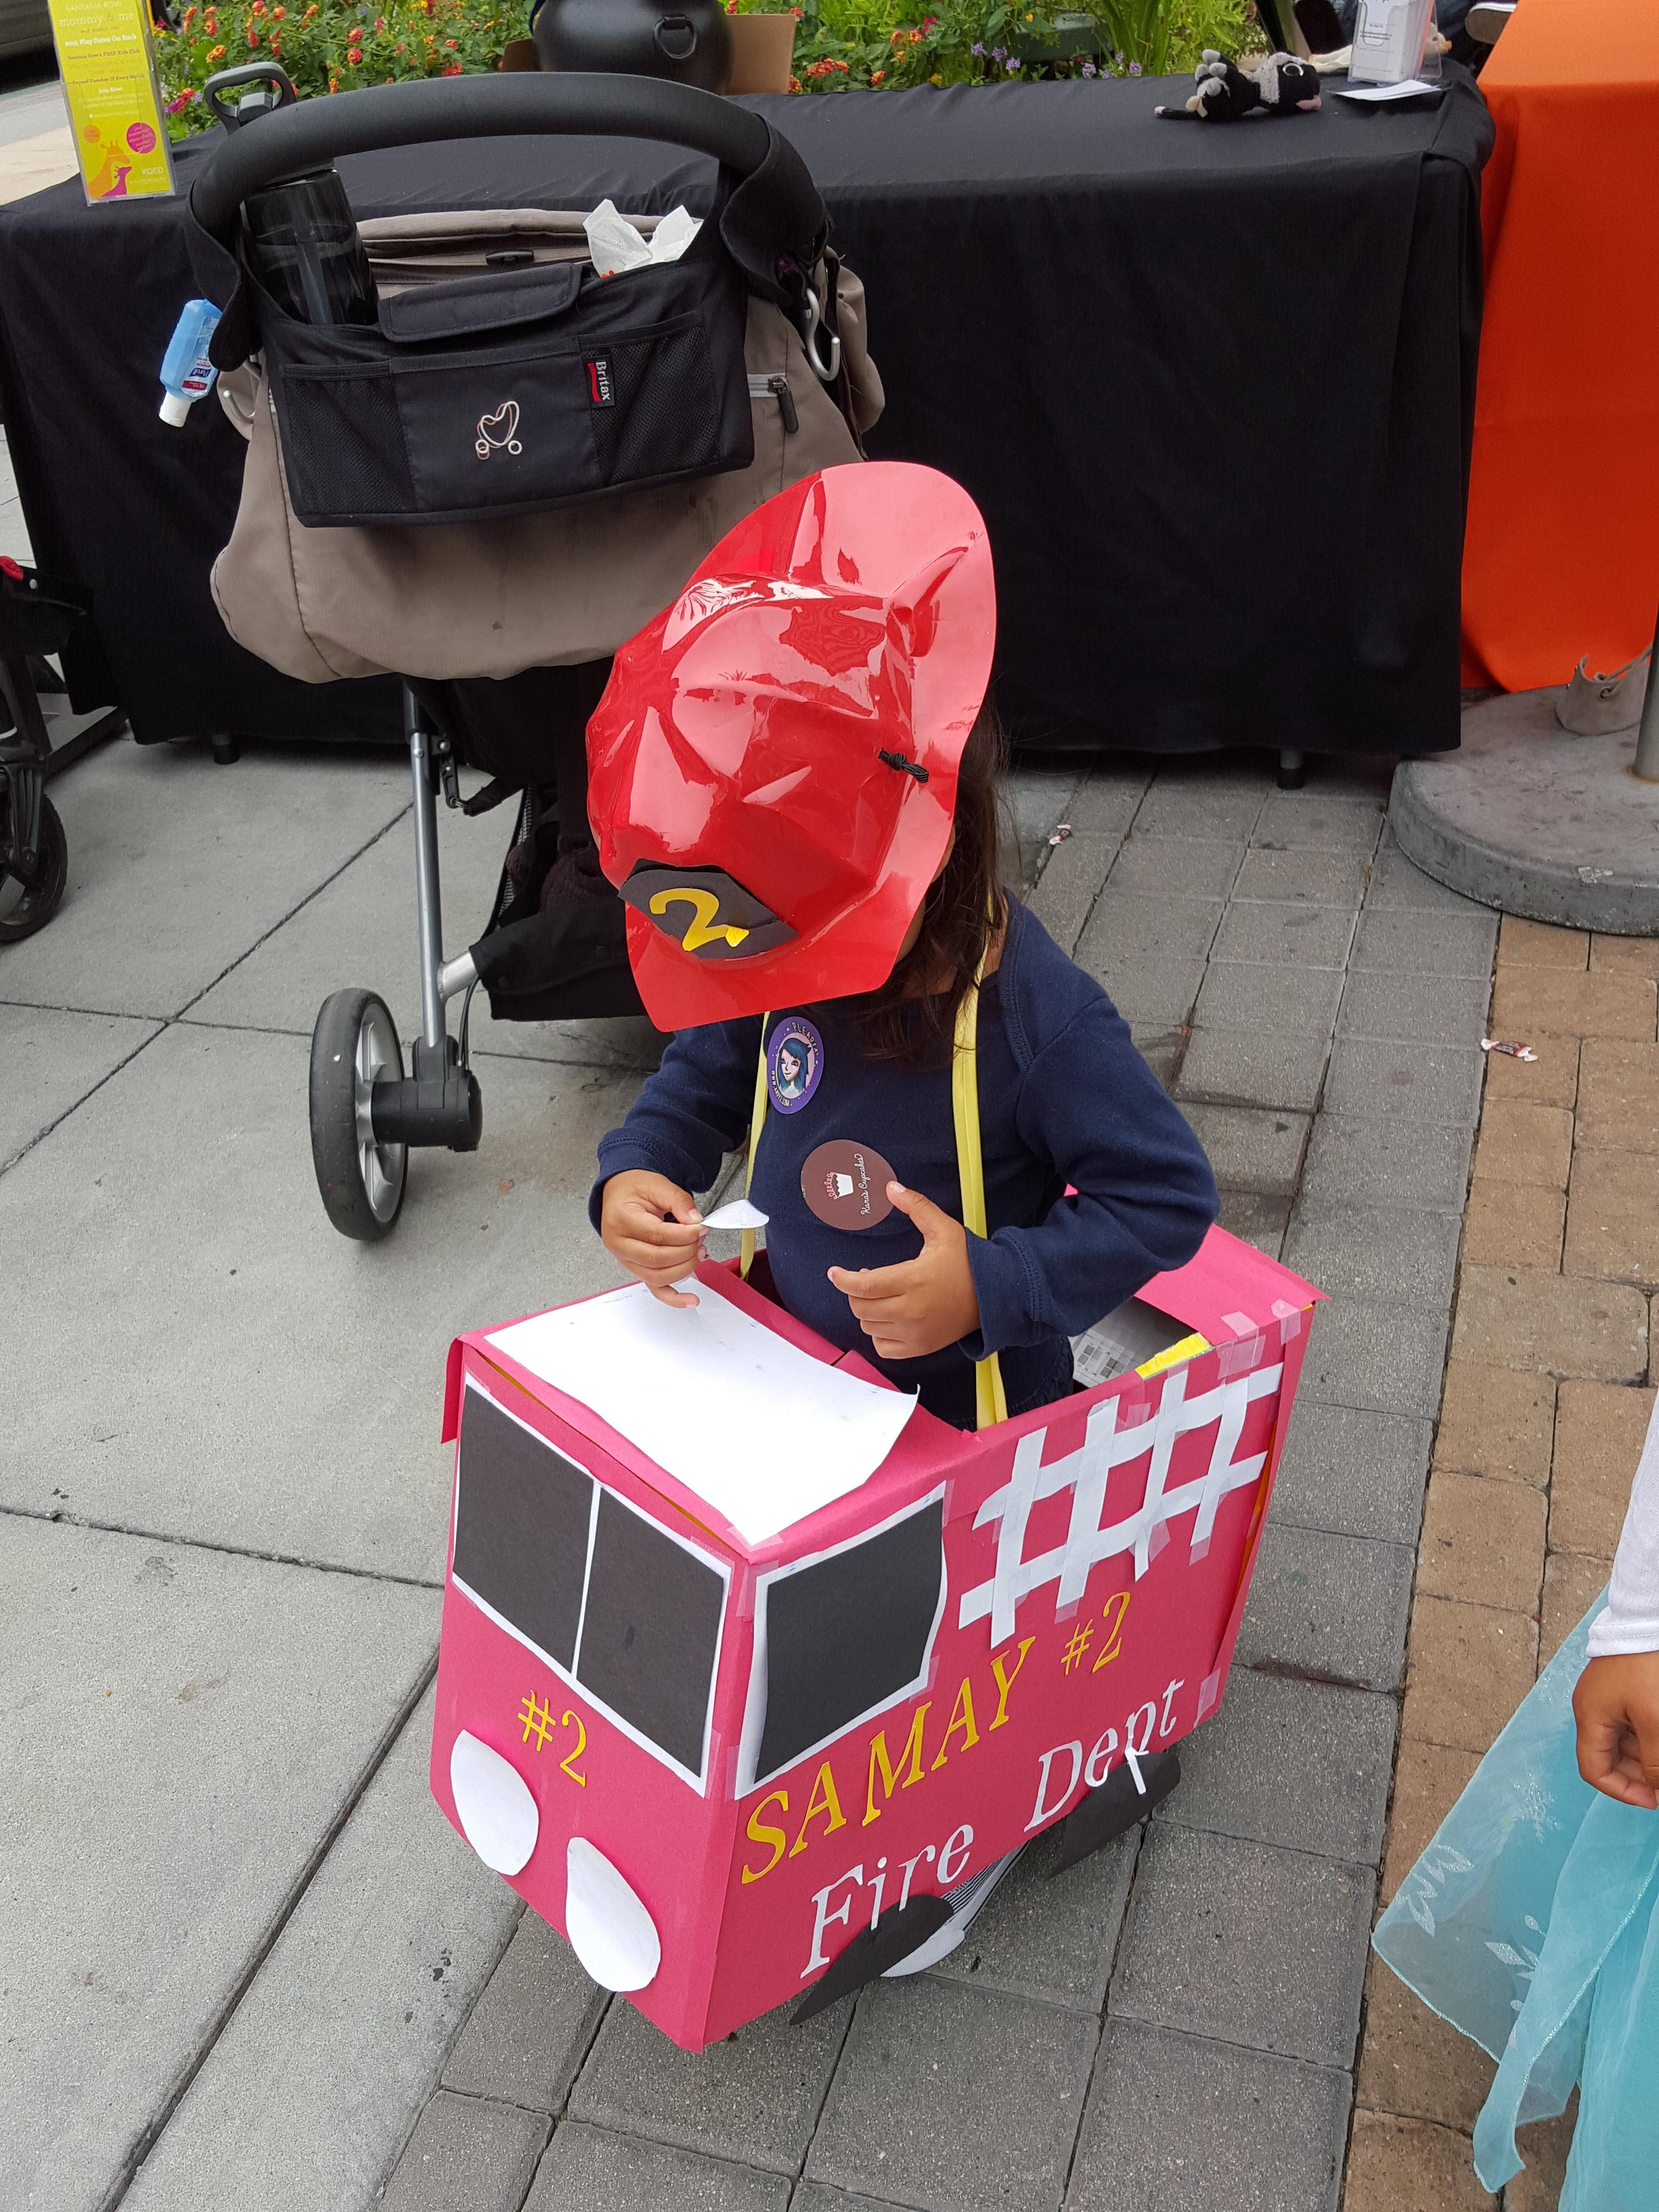 Baby S turns 2 - Fire Engine theme birthday costume